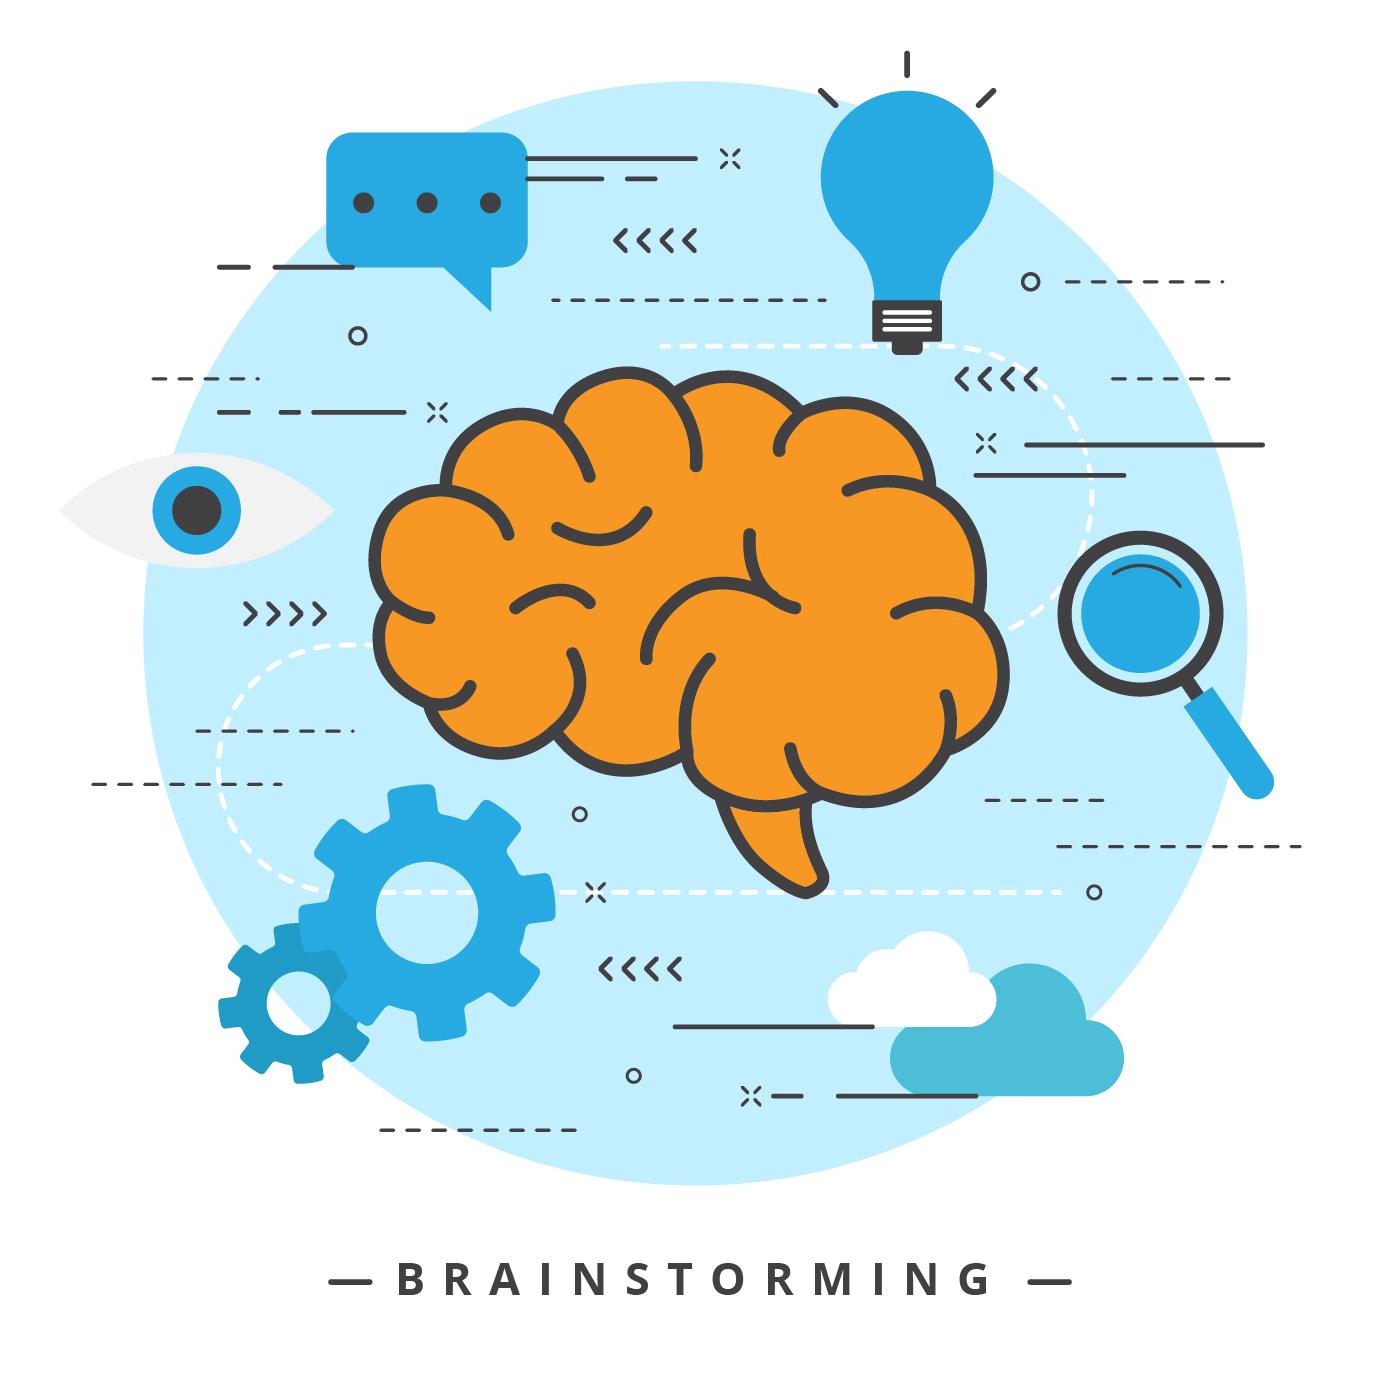 Brainstorming Vector Illustration